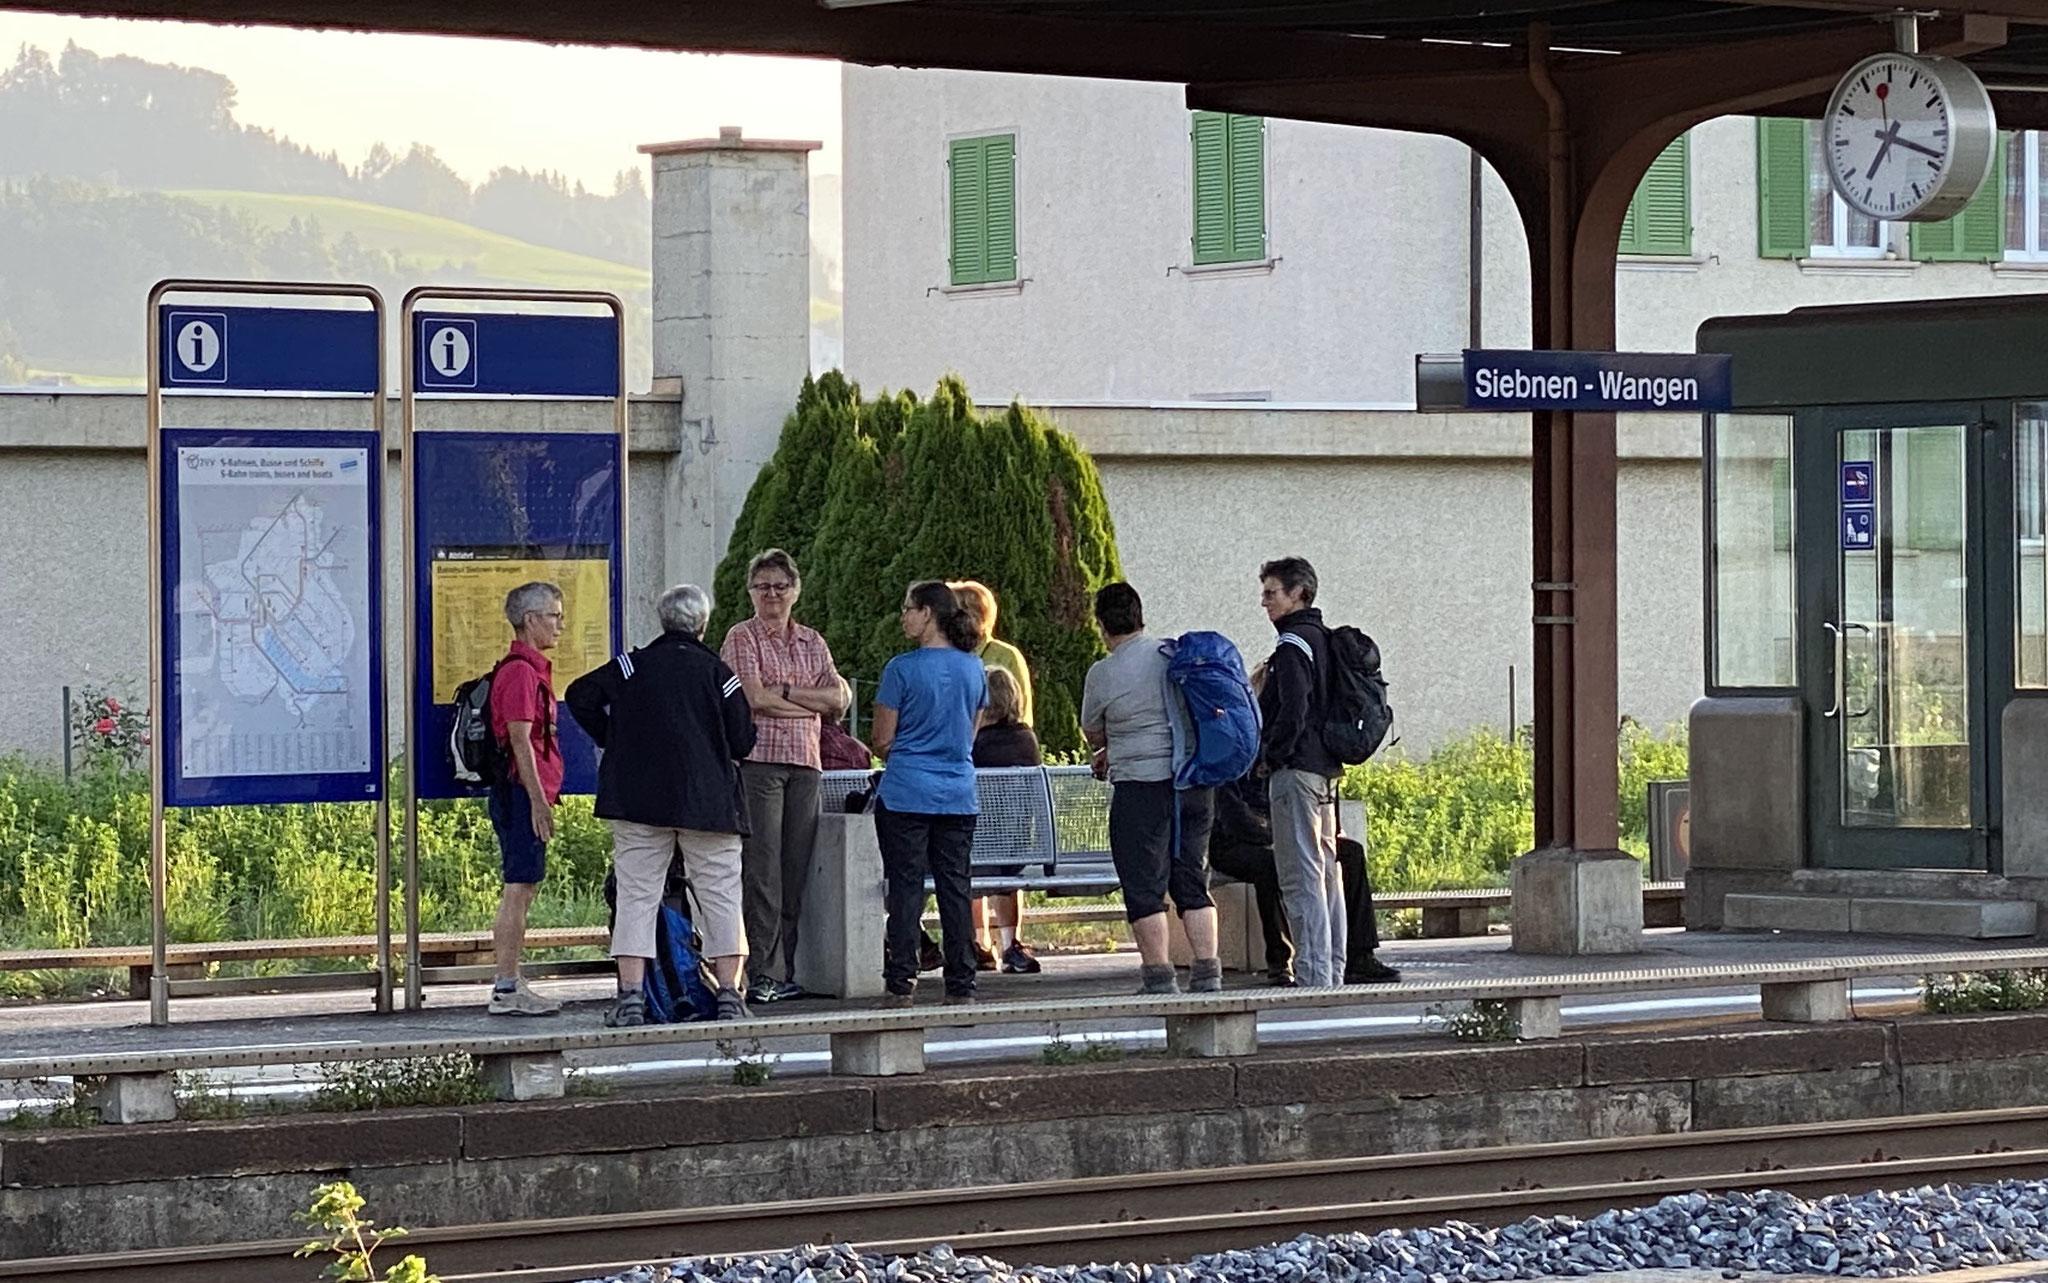 Besammlung beim Bahnhof Siebnen-Wangen